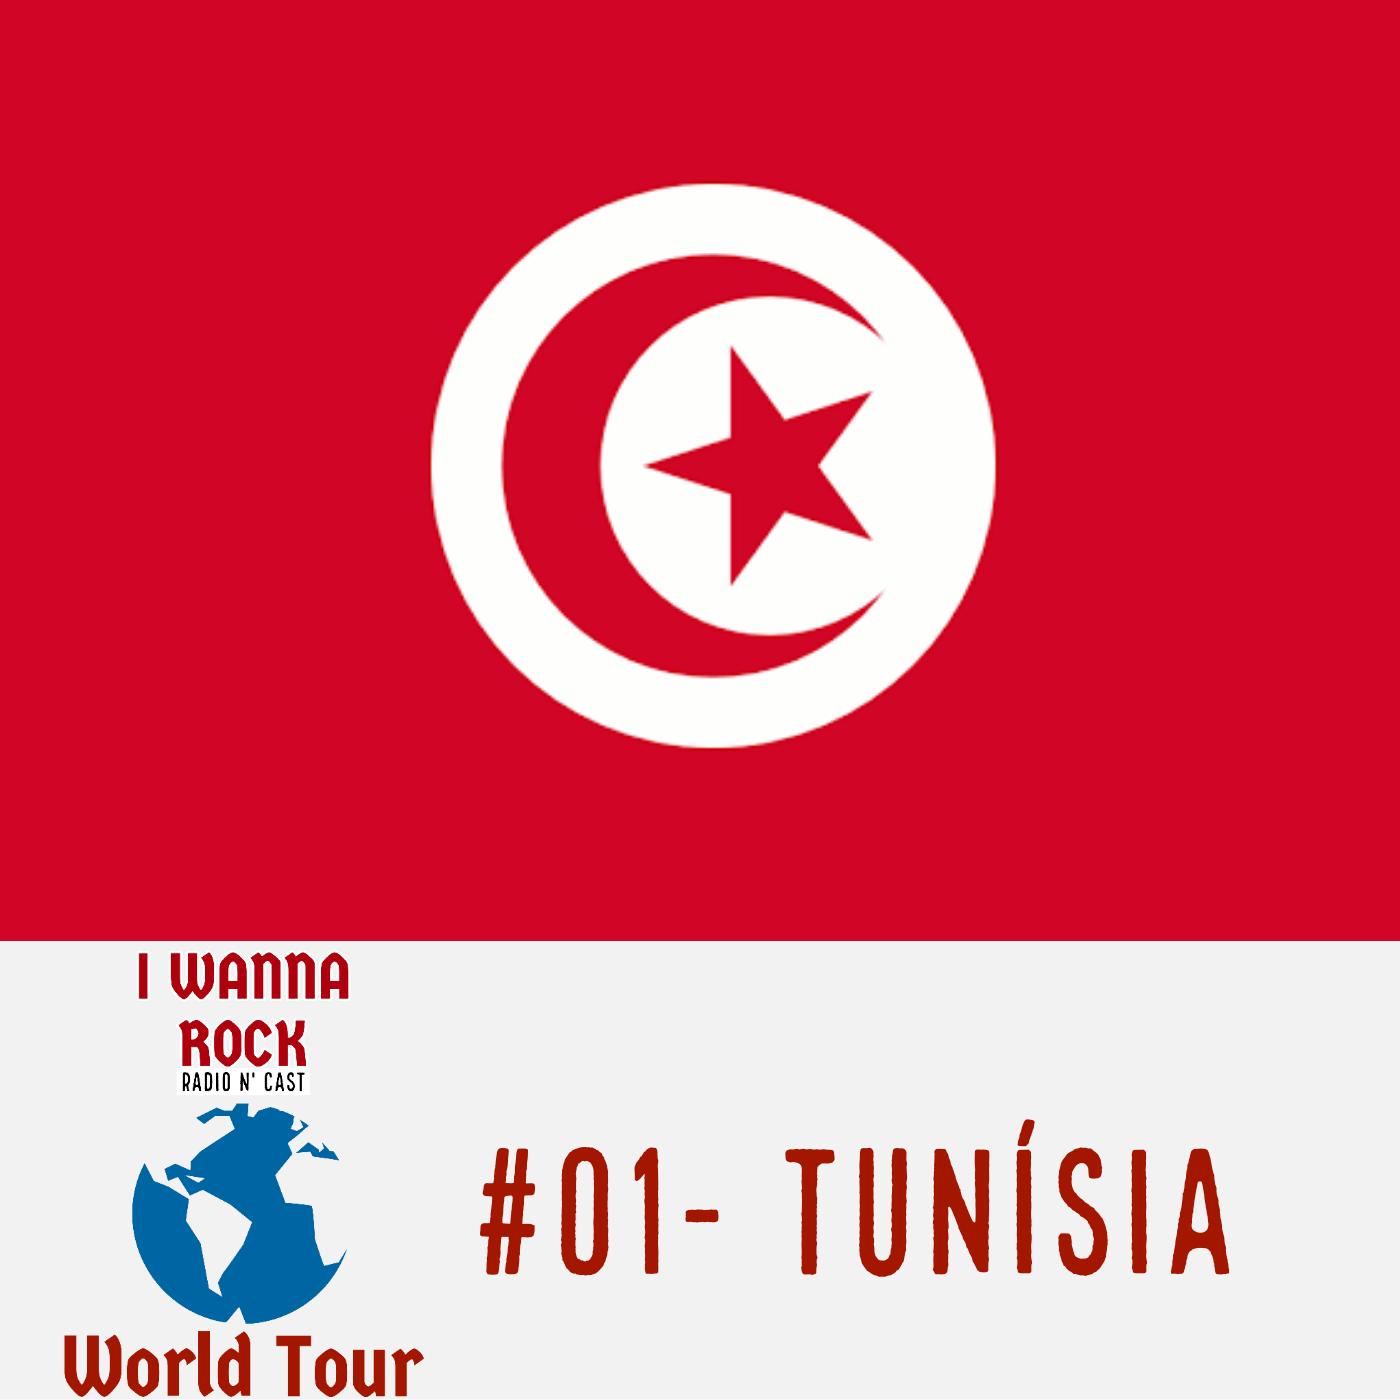 I Wanna Rock World Tour #01- Tunísia